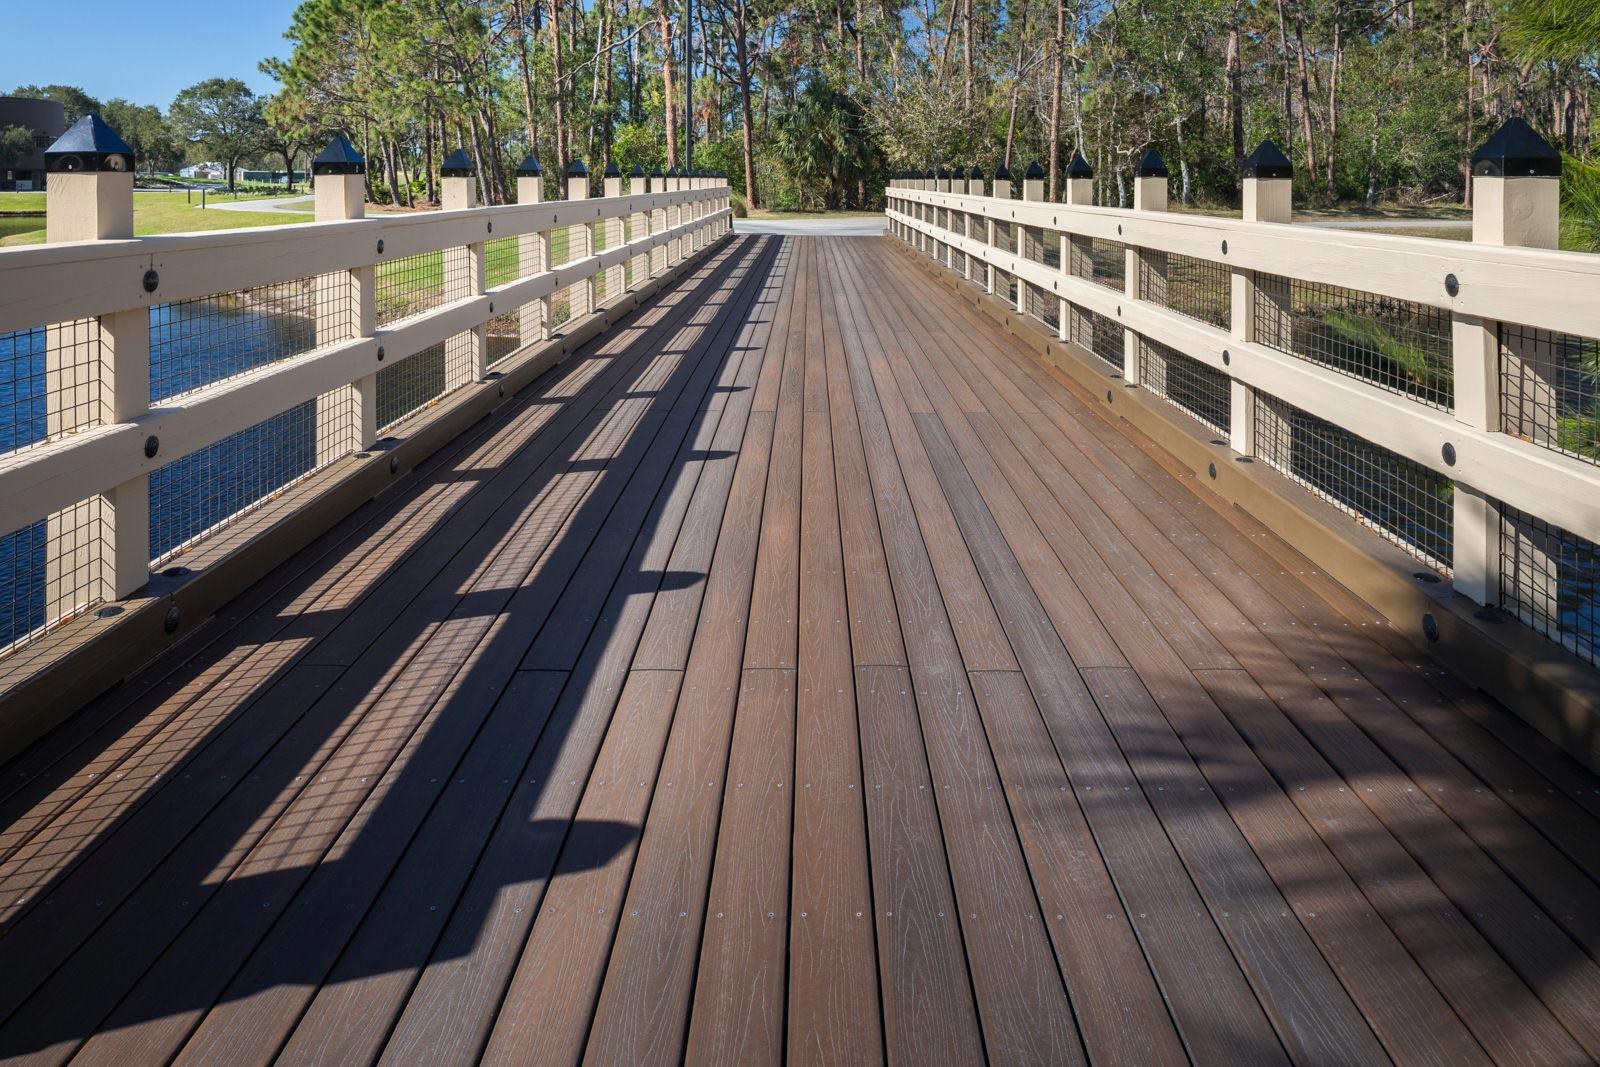 Boardwalk over water